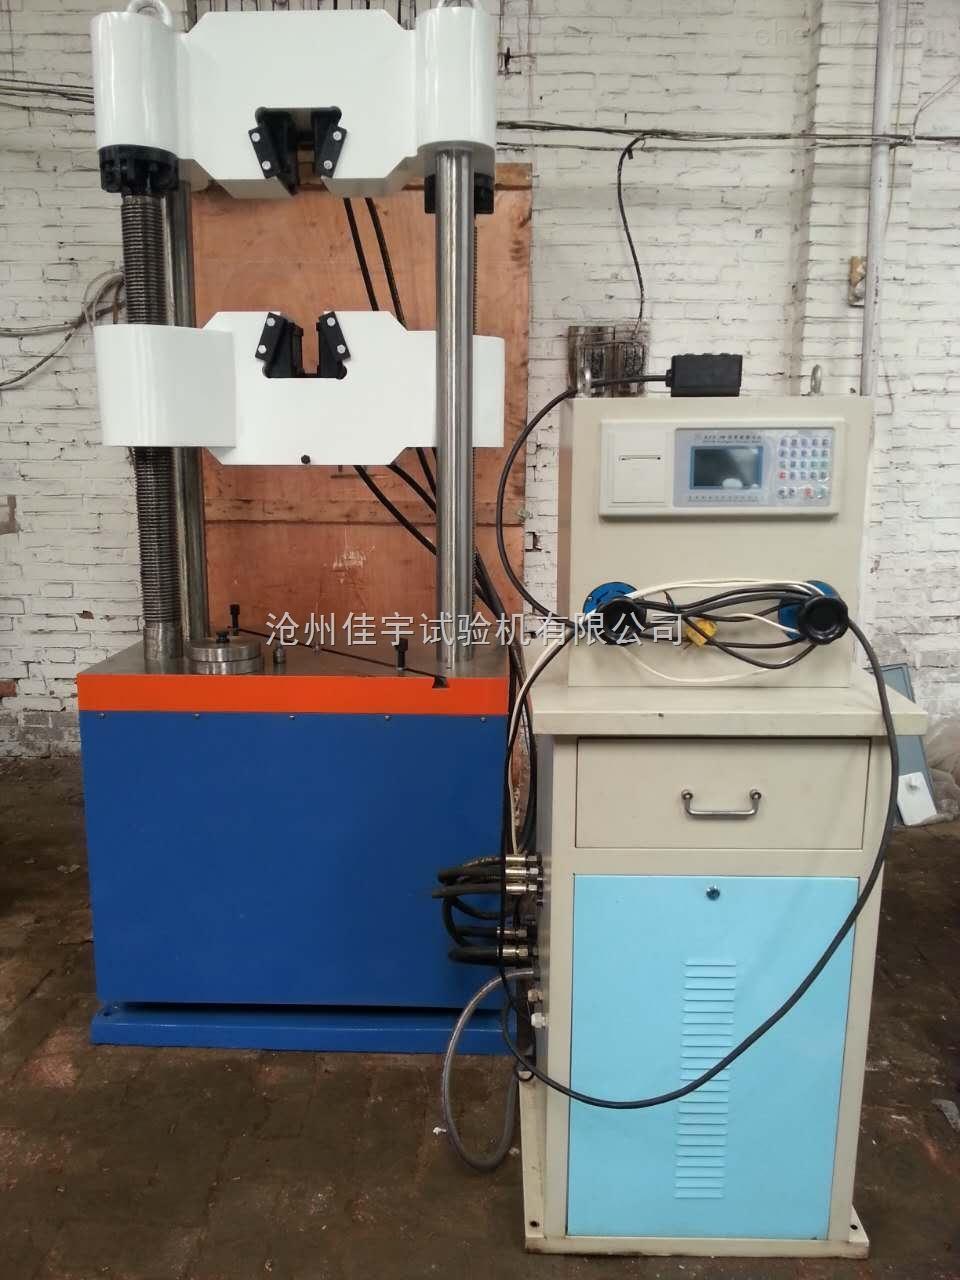 江西二手液晶显示数显万能试验机、二手电力器材万能试验机